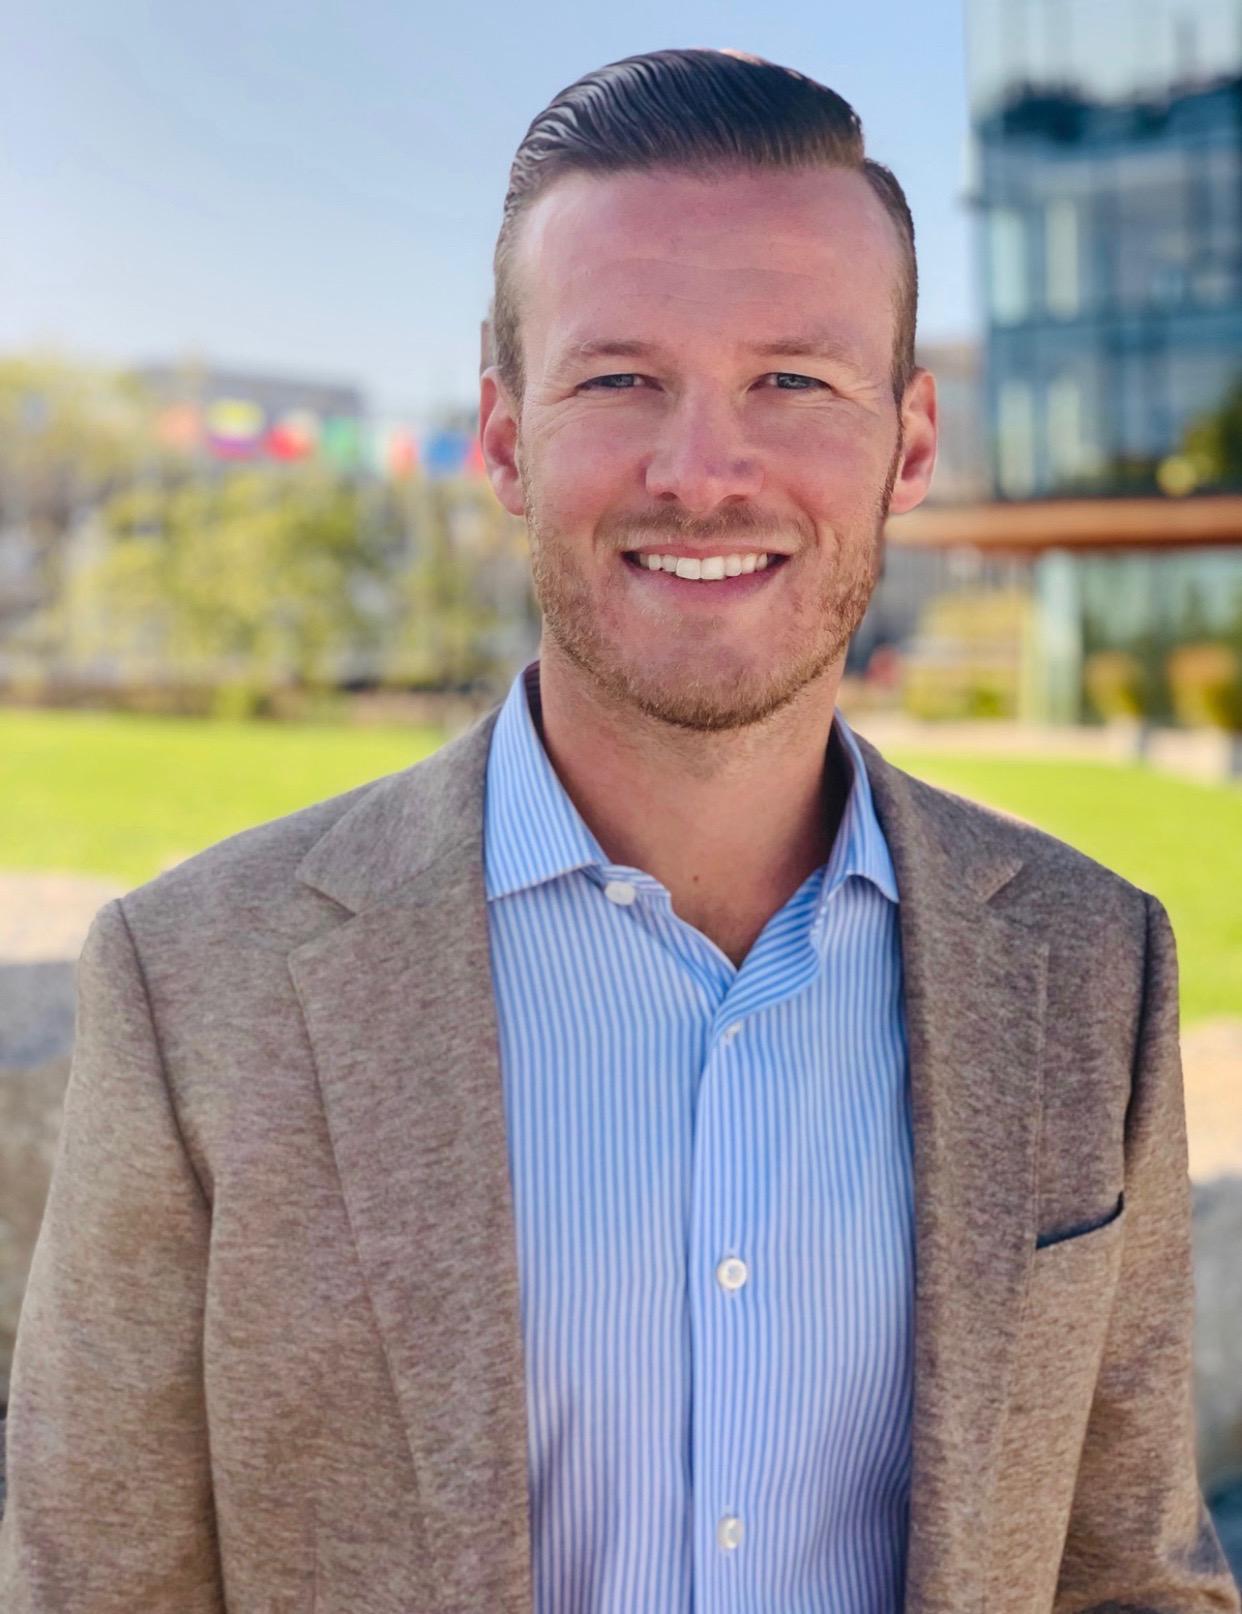 Head shot image of agency owner Ryan Kent